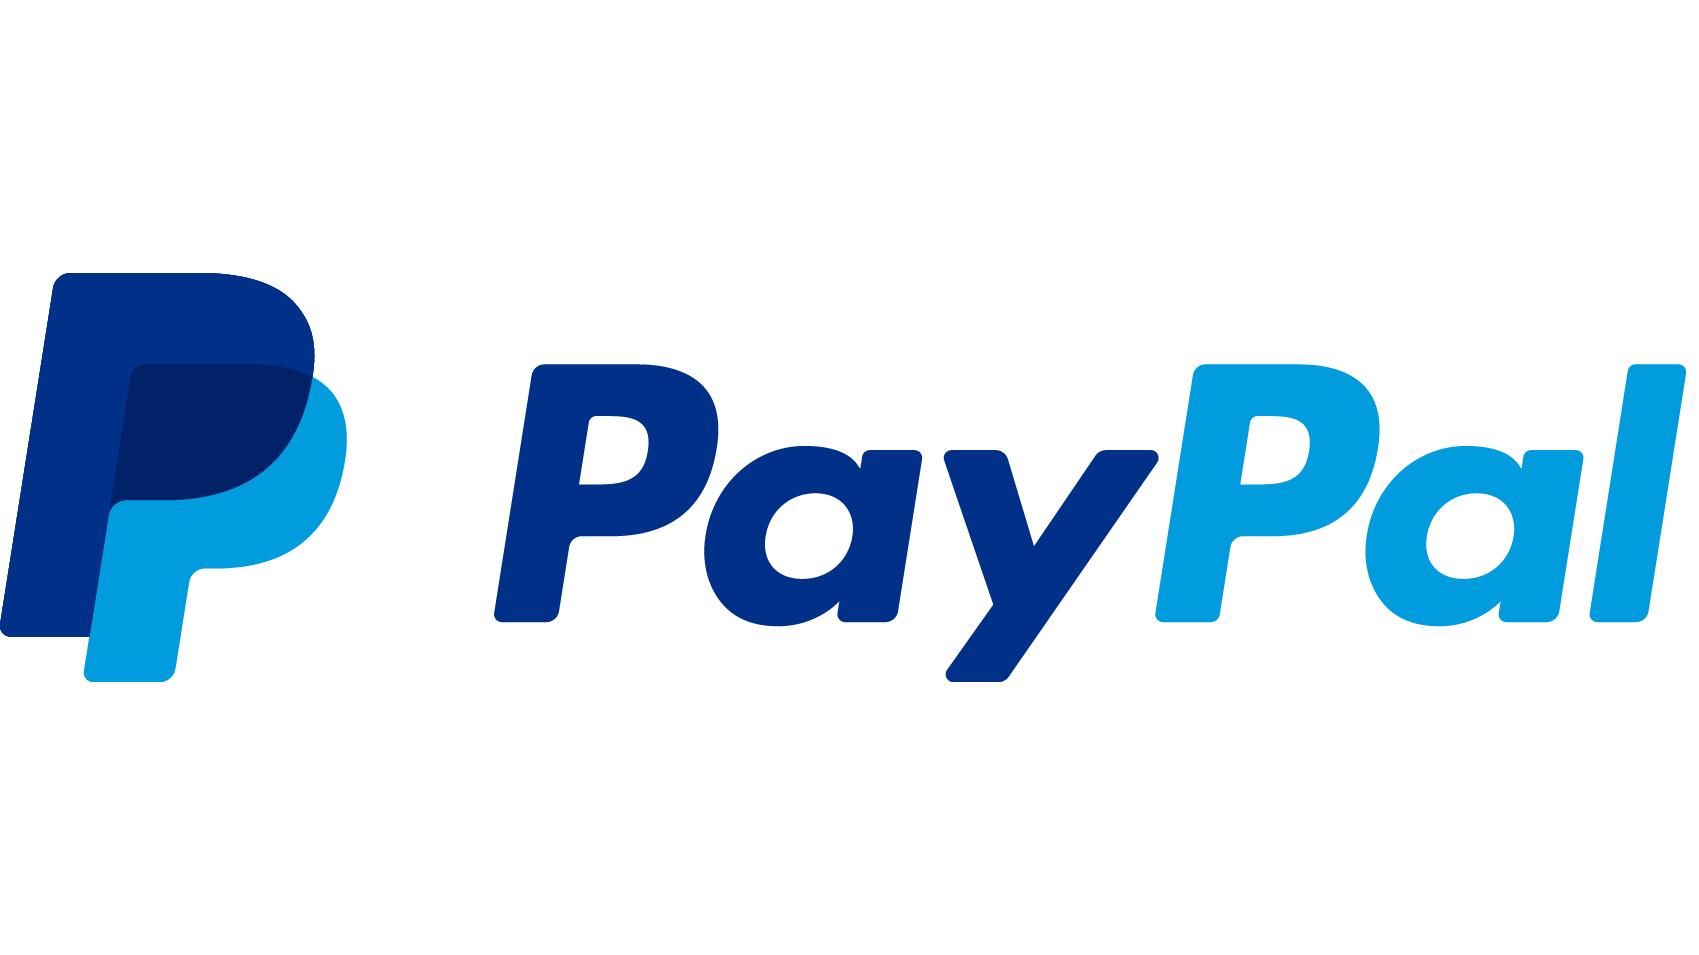 Paypal (PYPL) Giảm Sâu Hơn Thị Trường Chung